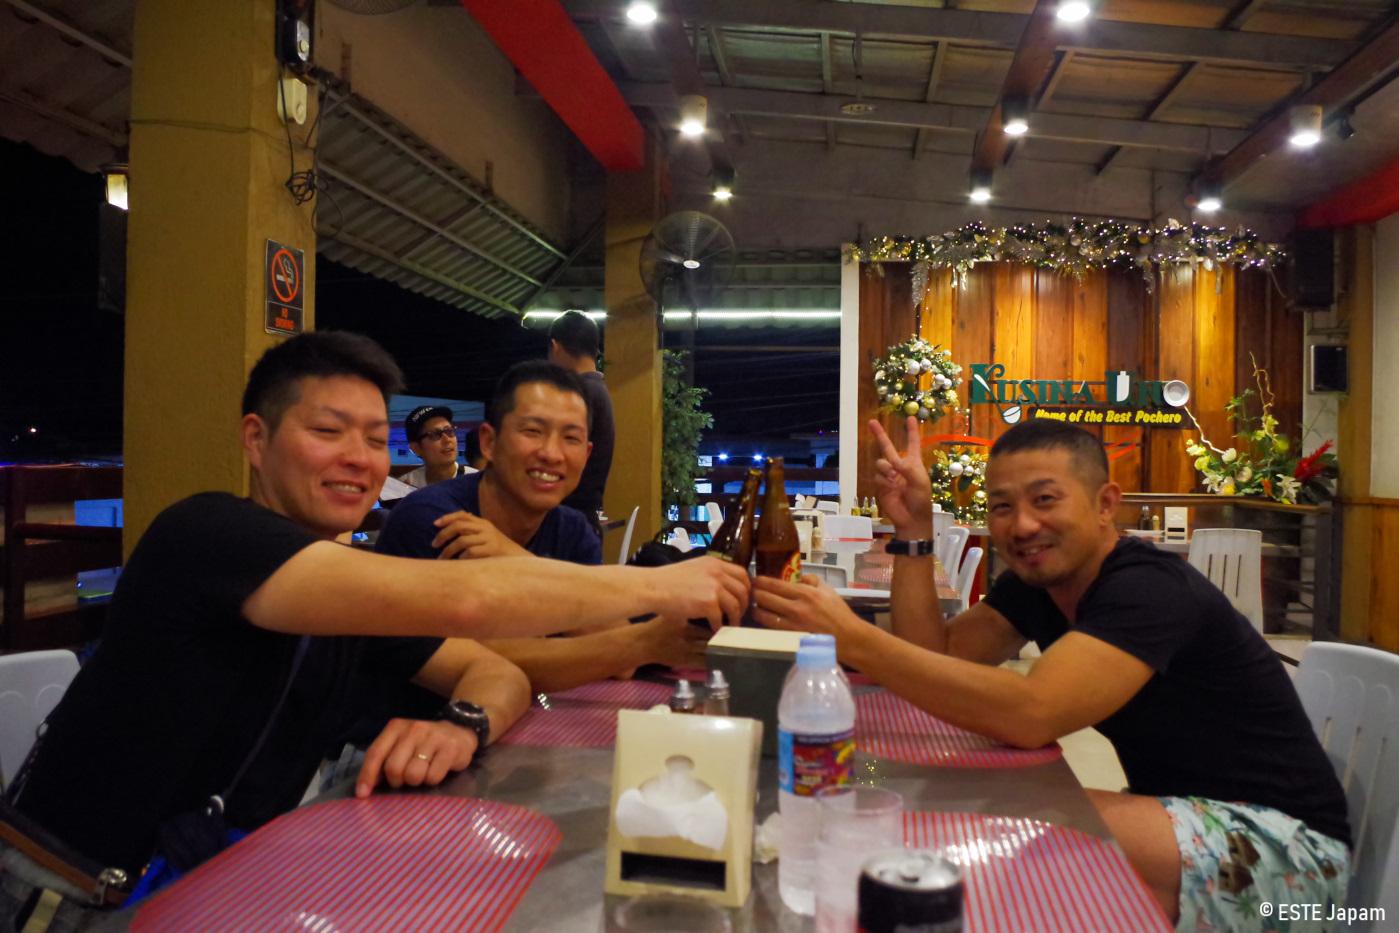 クシナウノで乾杯をする男性3名